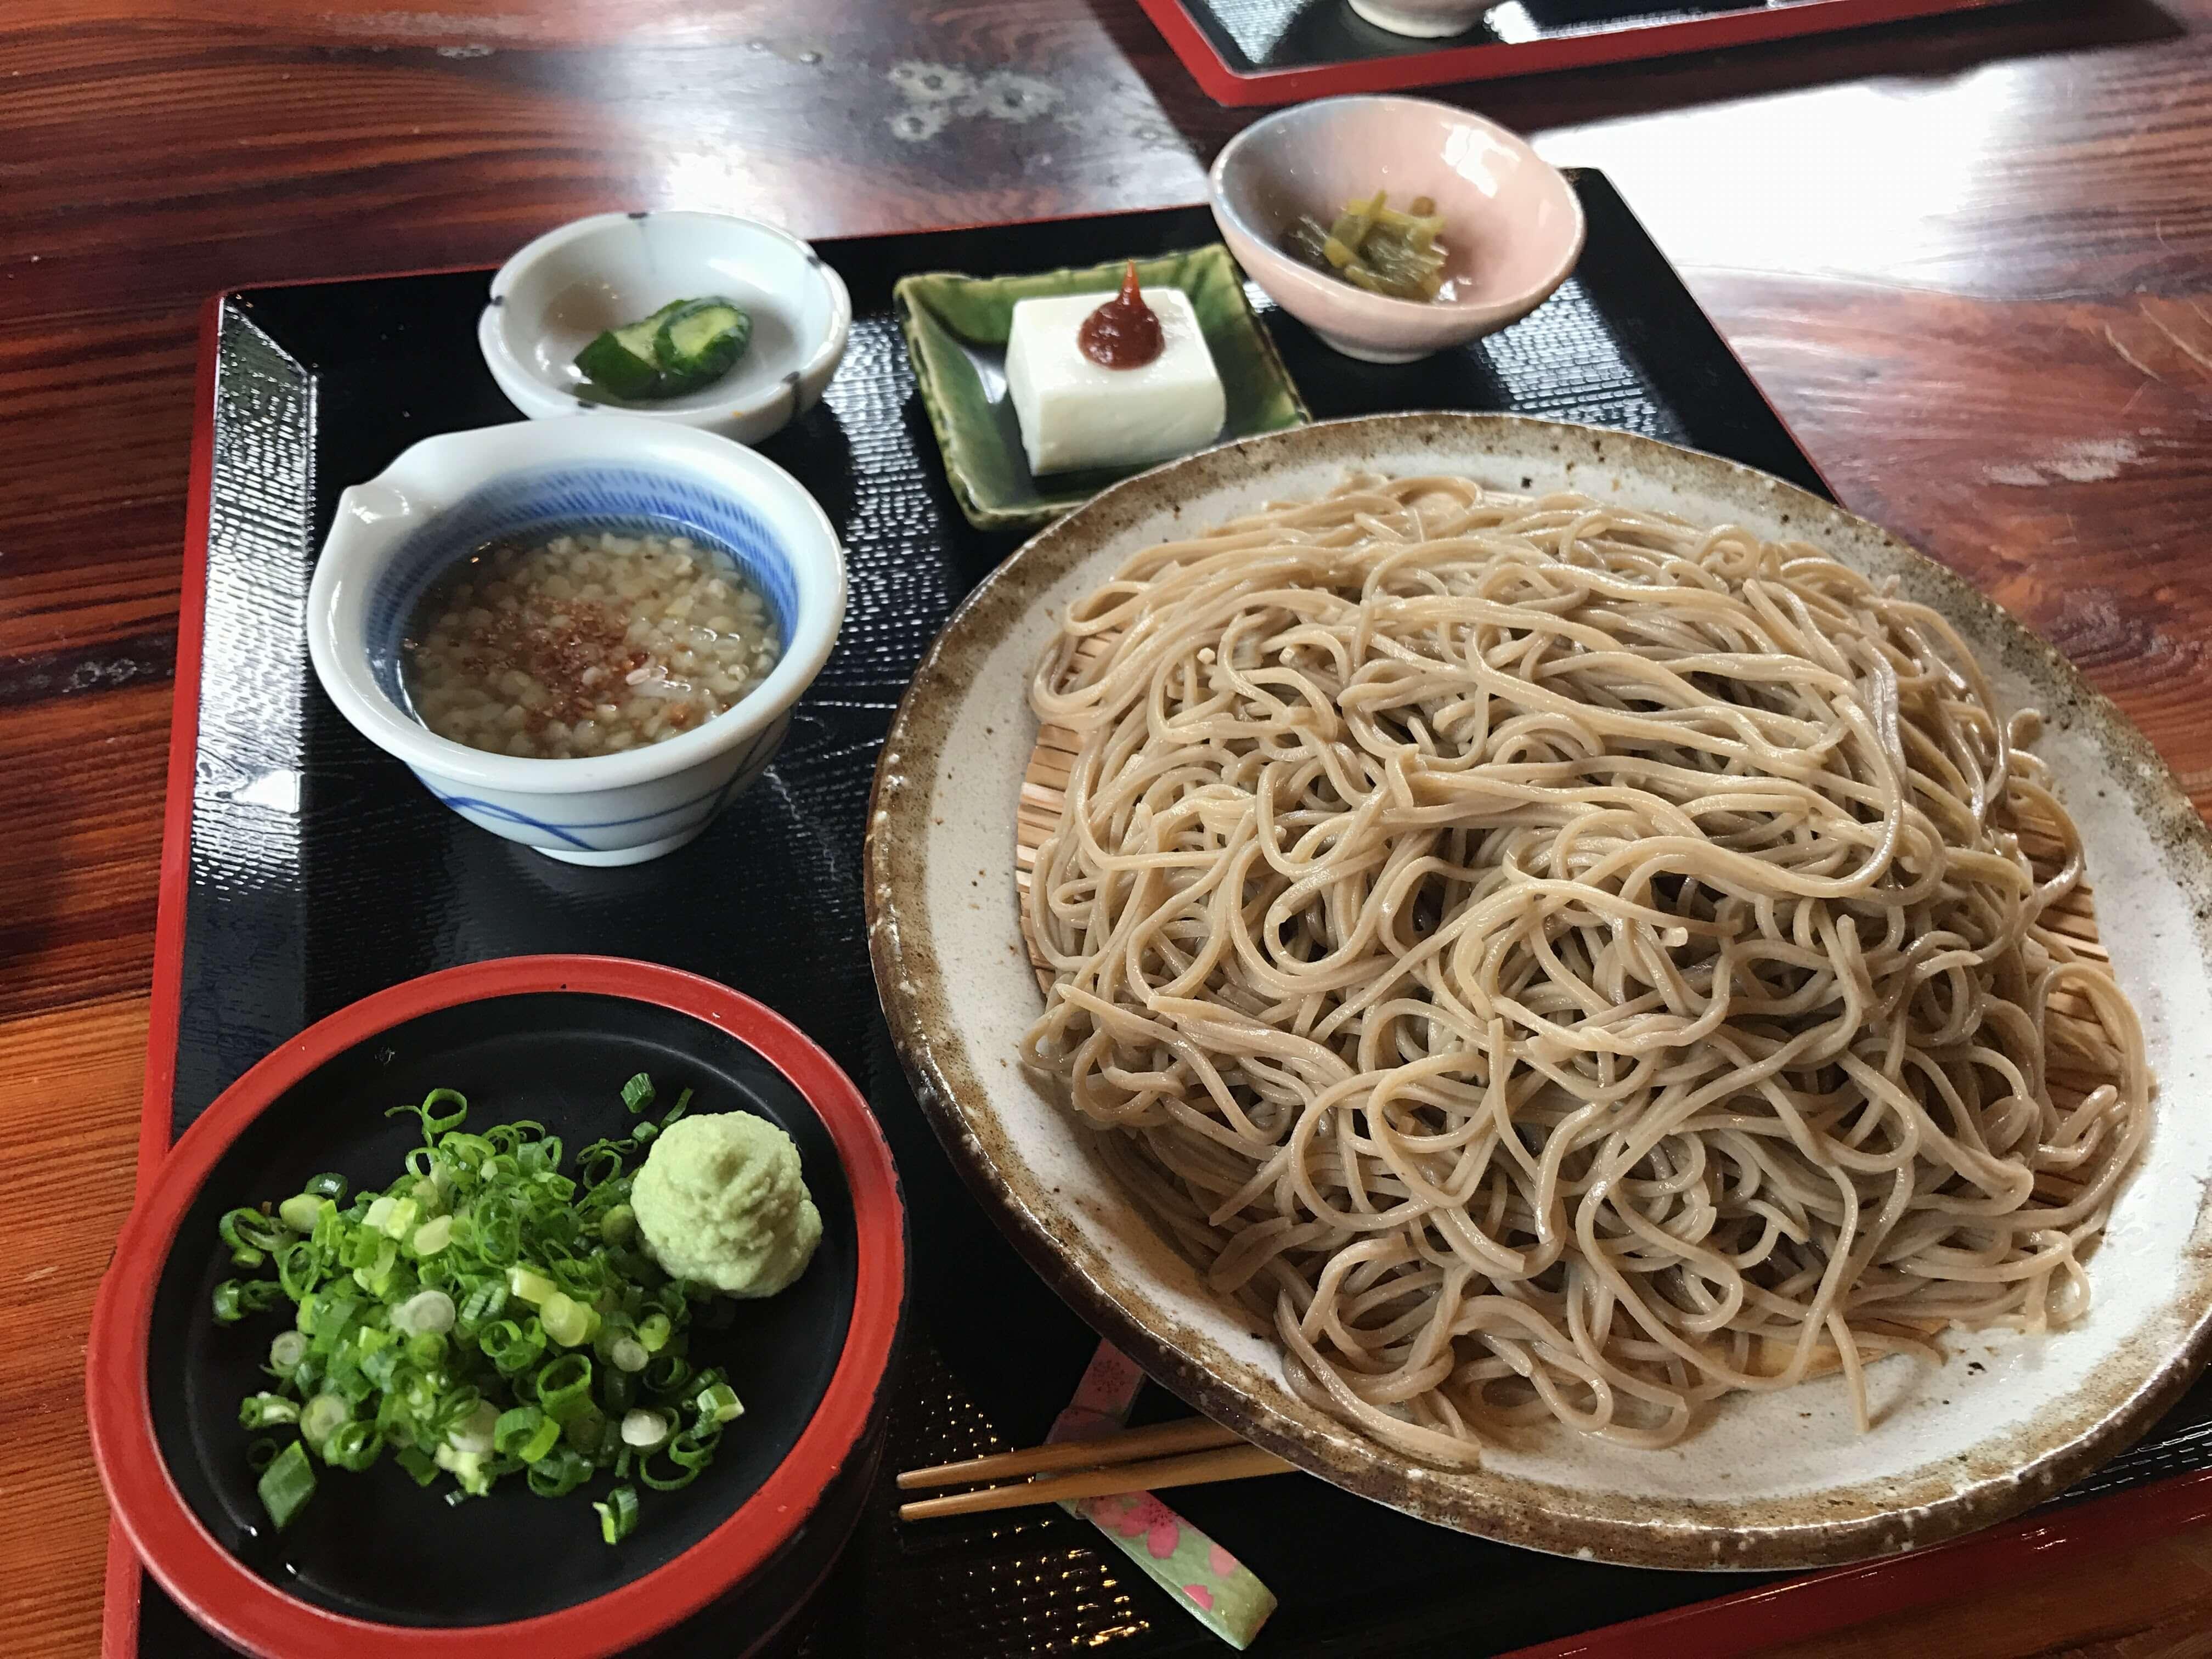 【2017年版!】熊本小国の蕎麦街道の店まとめ。水がうまいと蕎麦も美味い!【随時更新】